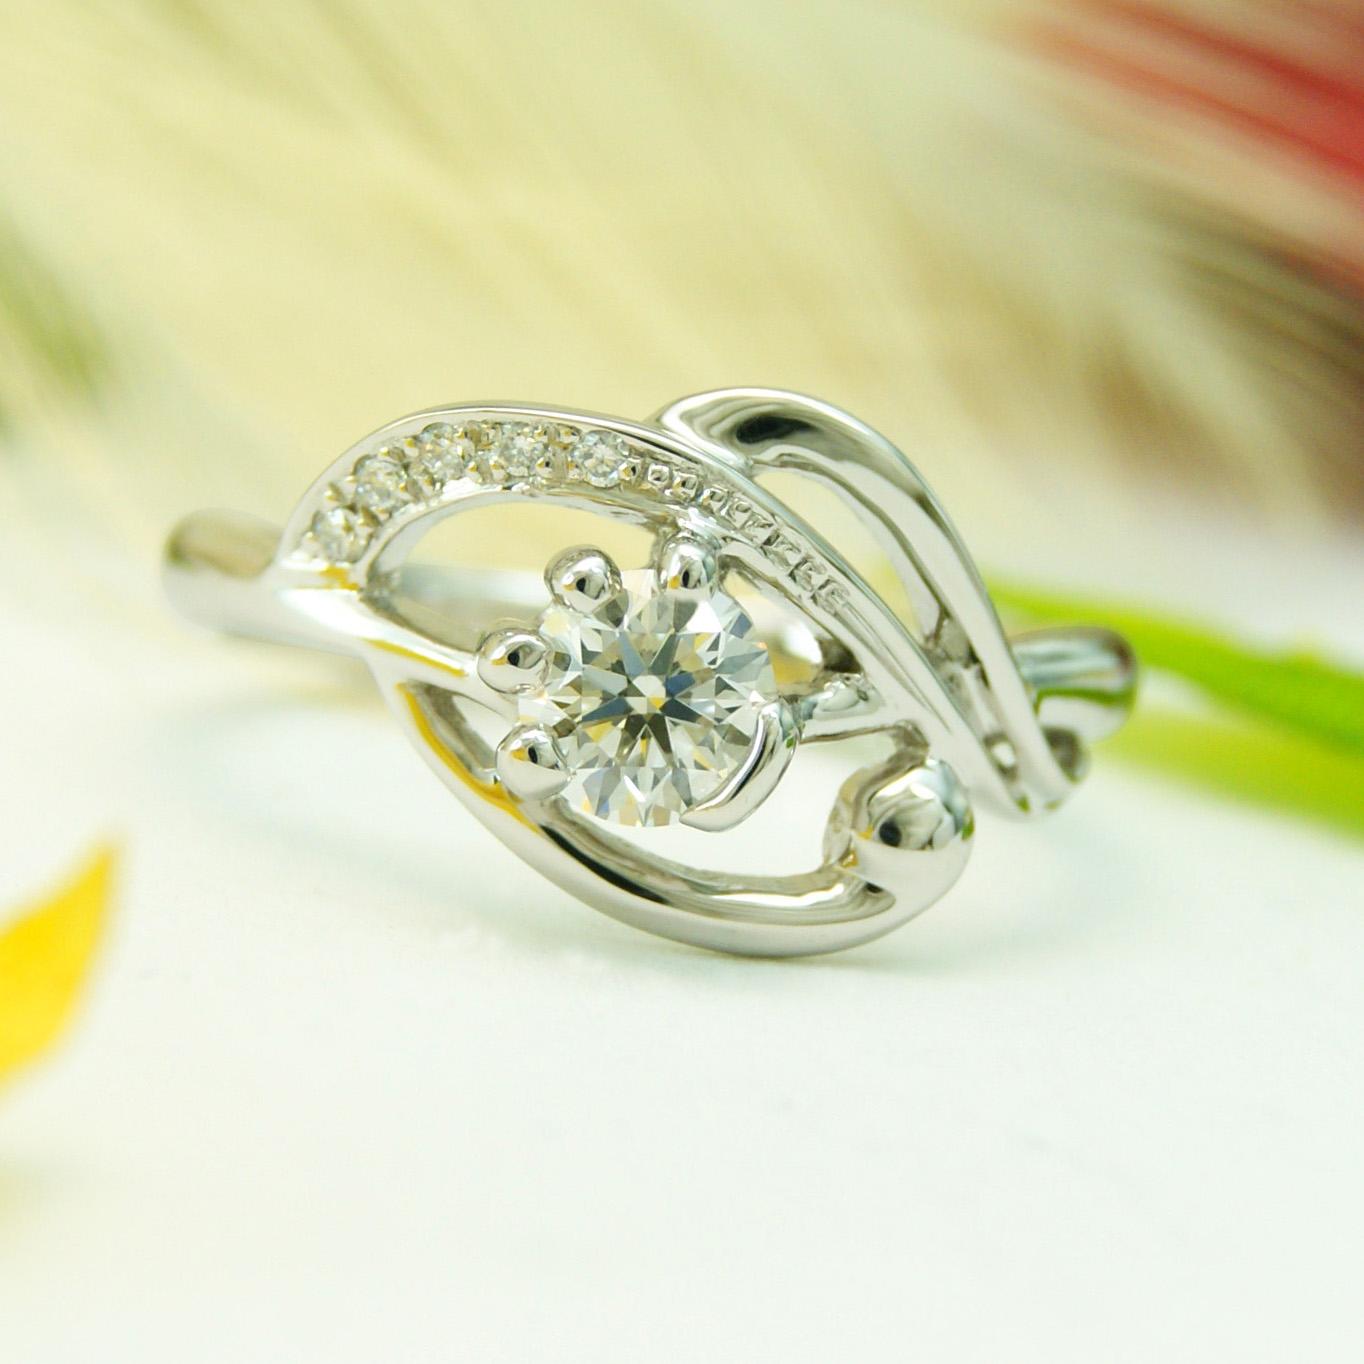 世界に一つだけの結婚指輪 kazariyaYui 福島県郡山市 猫 婚約指輪